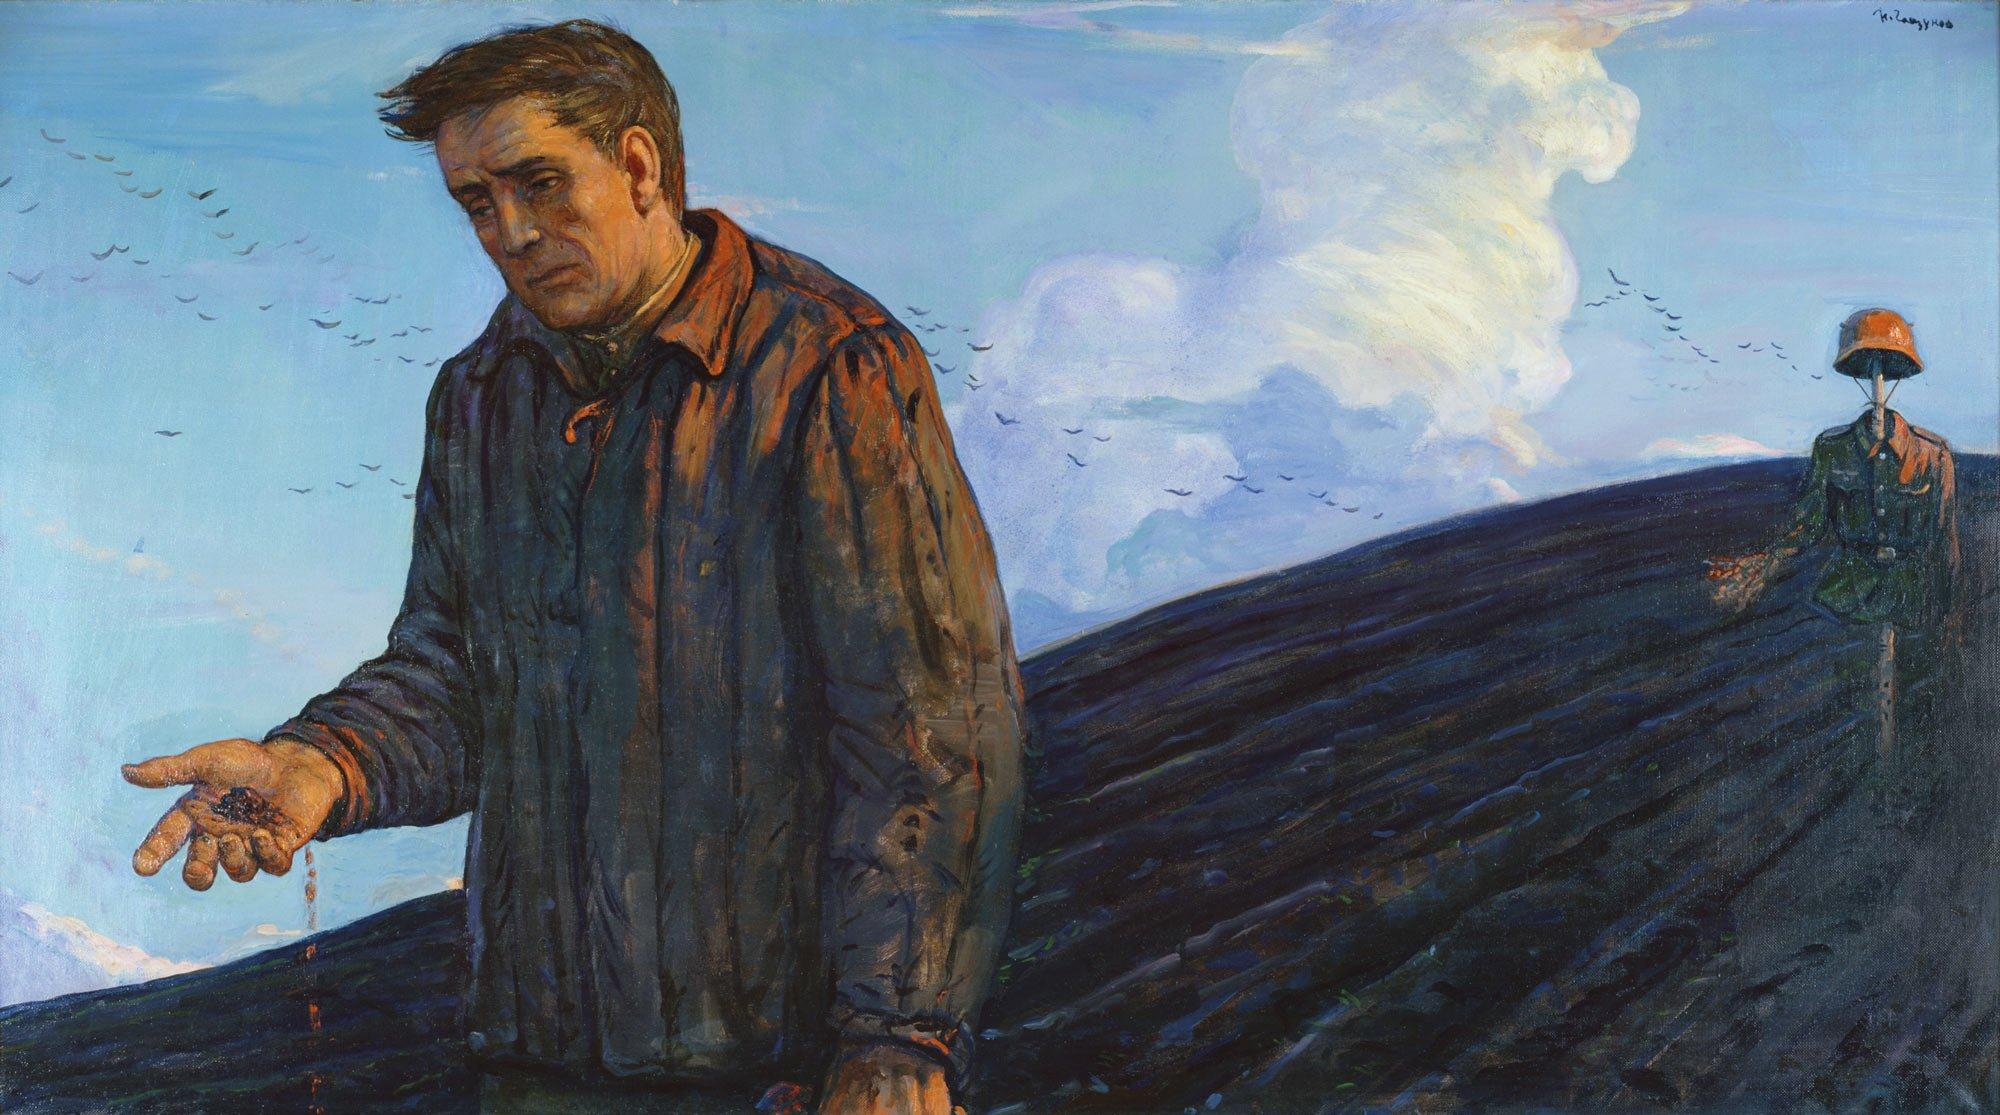 диджеи глазунов илья картинки безграничной фантазией